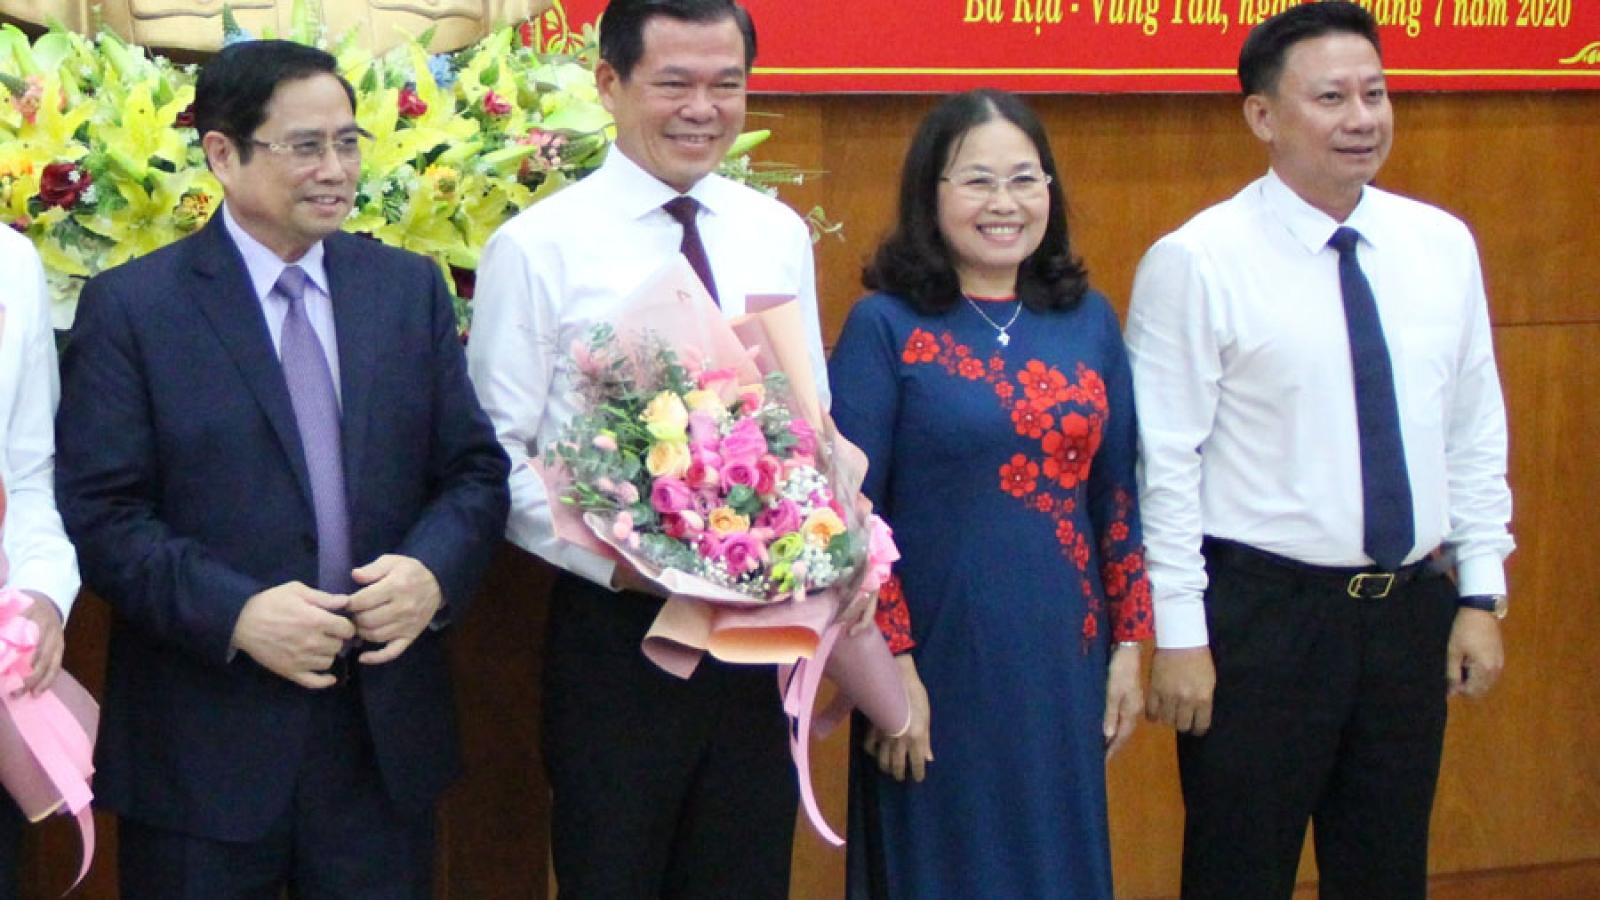 Ông Phạm Viết Thanh giữ chức Bí thư Tỉnh ủy Bà Rịa - Vũng Tàu